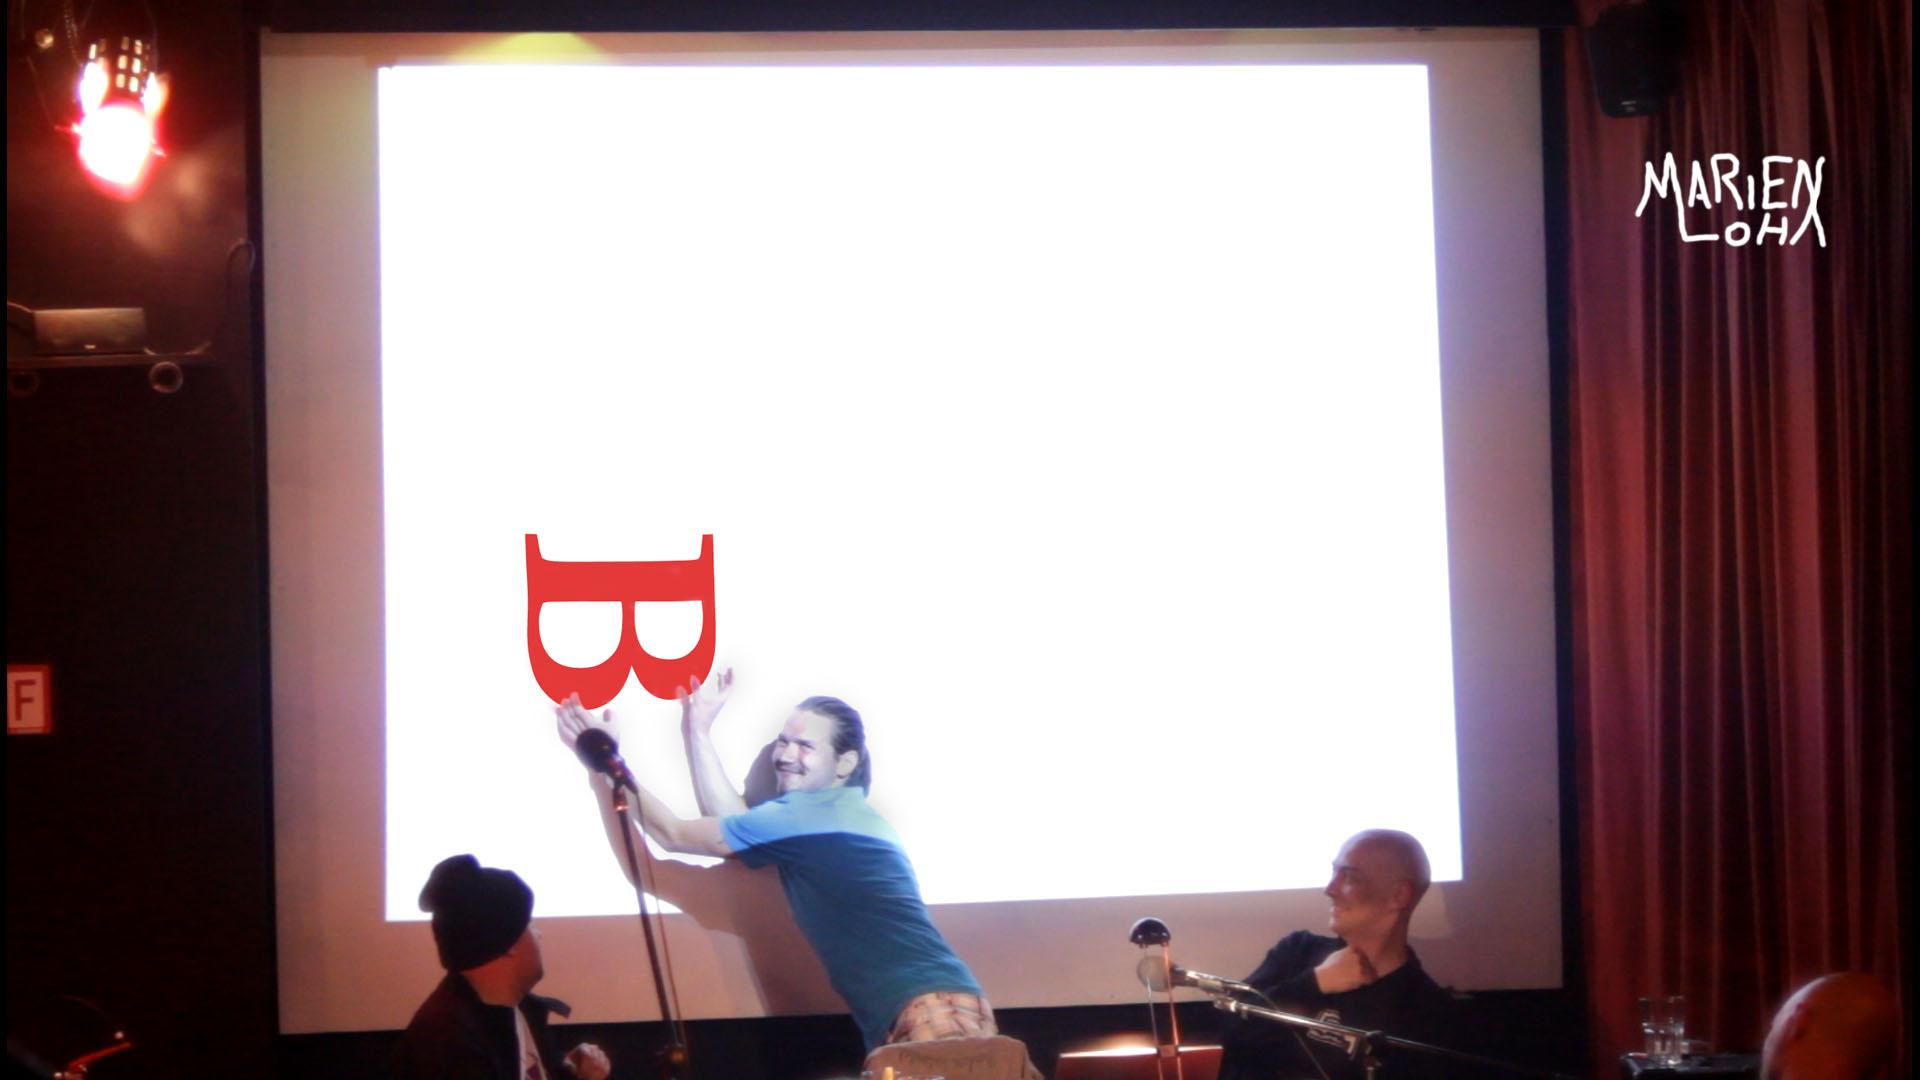 Marien Loha - Videorätselbild 1.4